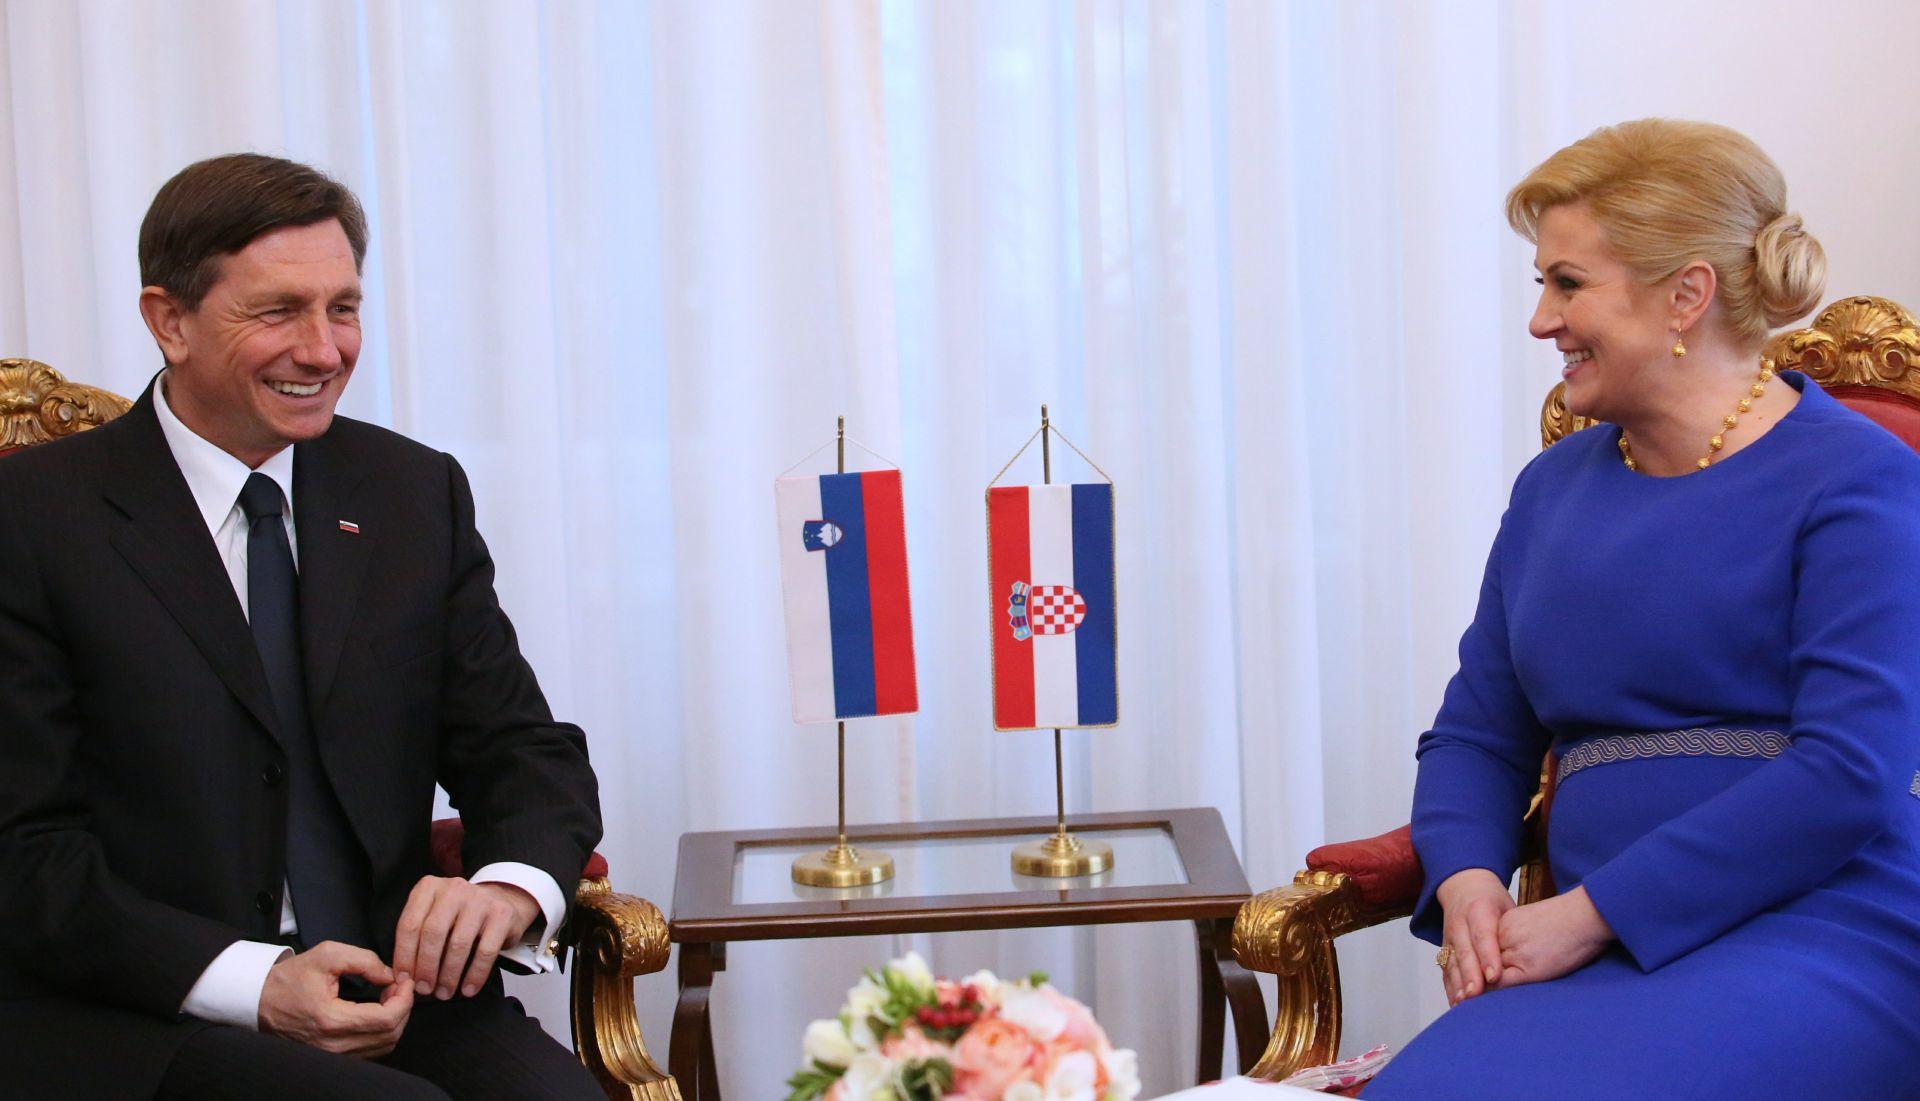 Predsjednici Grabar-Kitarović i Pahor predali zajedničko pismo Donaldu Tusku